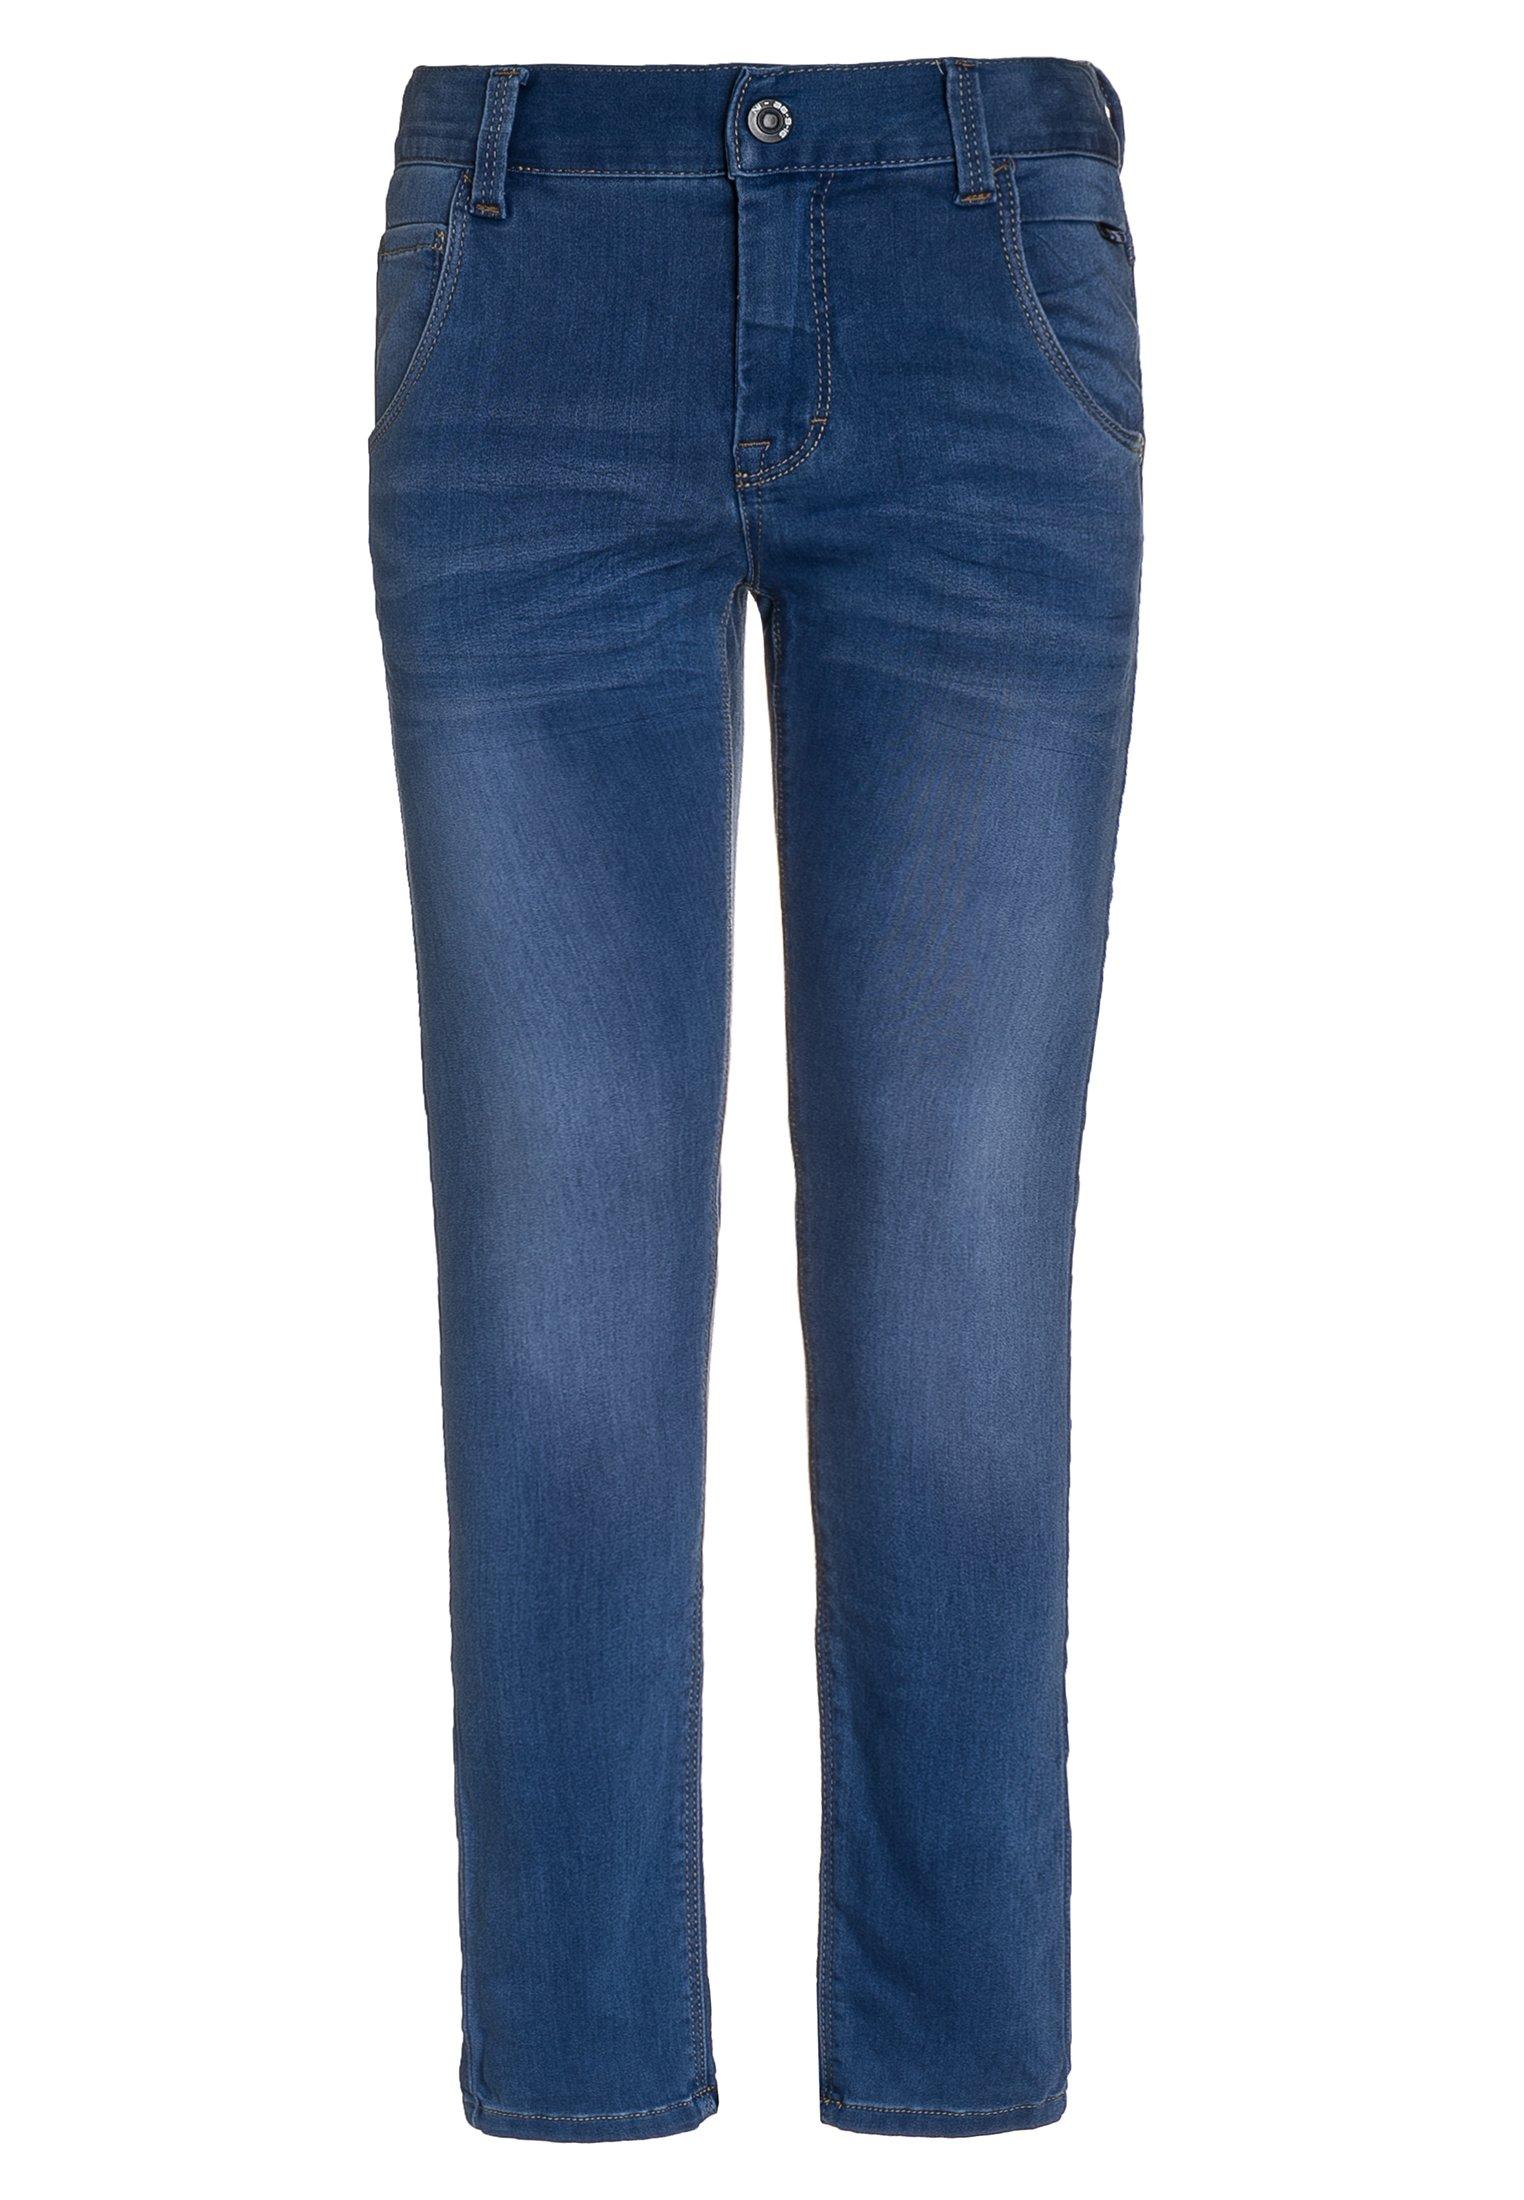 Jeans für Kinder versandkostenfrei im SALE | ZALANDO